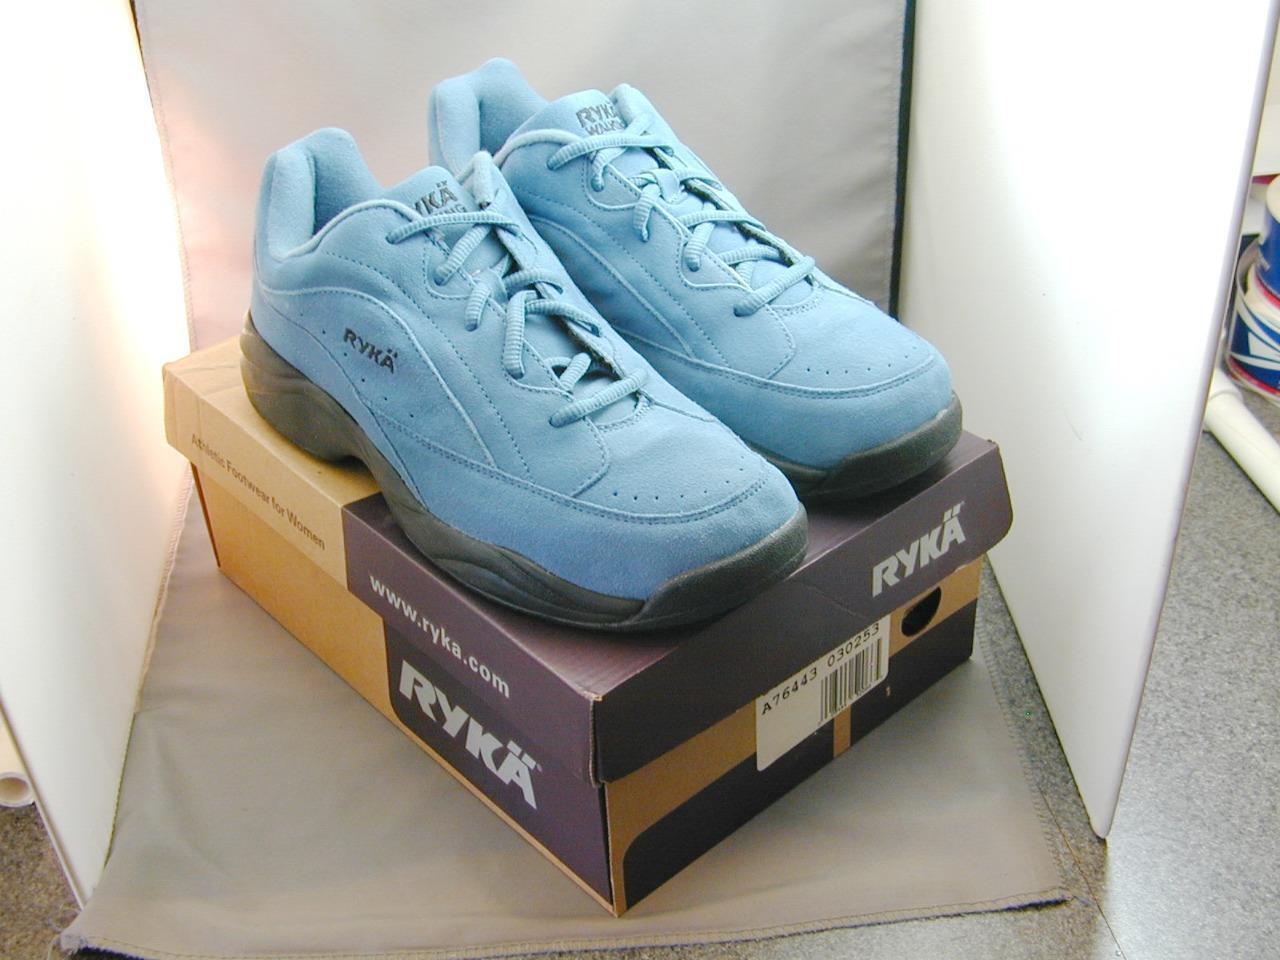 Ryka Catalyst Catalyst Catalyst Atlético Caminar Senderismo Zapatos de Mujer Azul medio 10W Nuevo En Caja  el estilo clásico